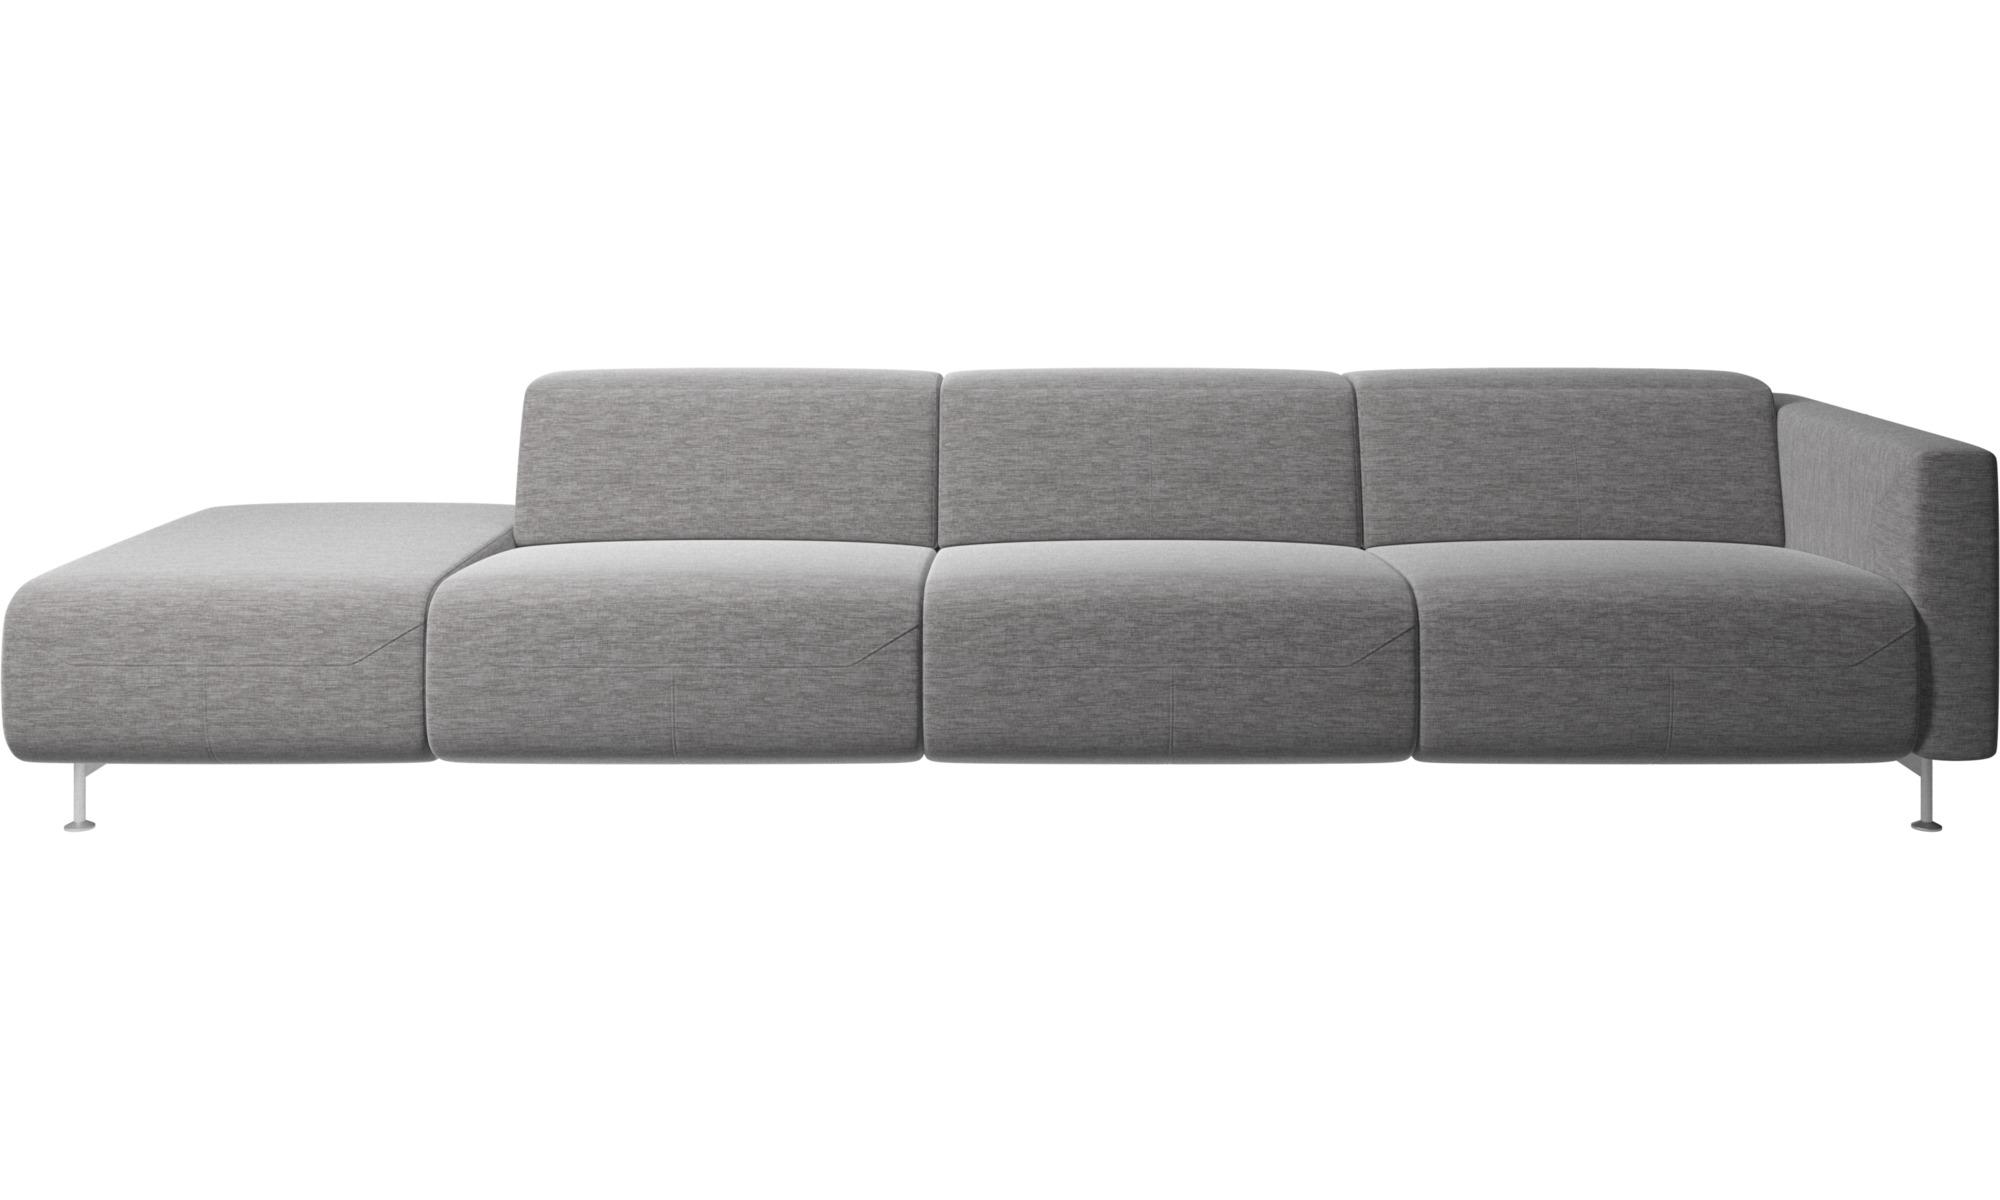 Full Size of Sofa Stoff Grau Kaufen Couch Reinigen Grober Chesterfield Graues Sofas Big Meliert Ikea Grauer Gebraucht Schlaffunktion 3er Relasofas Parma Mit Offenem Ende Sofa Sofa Stoff Grau